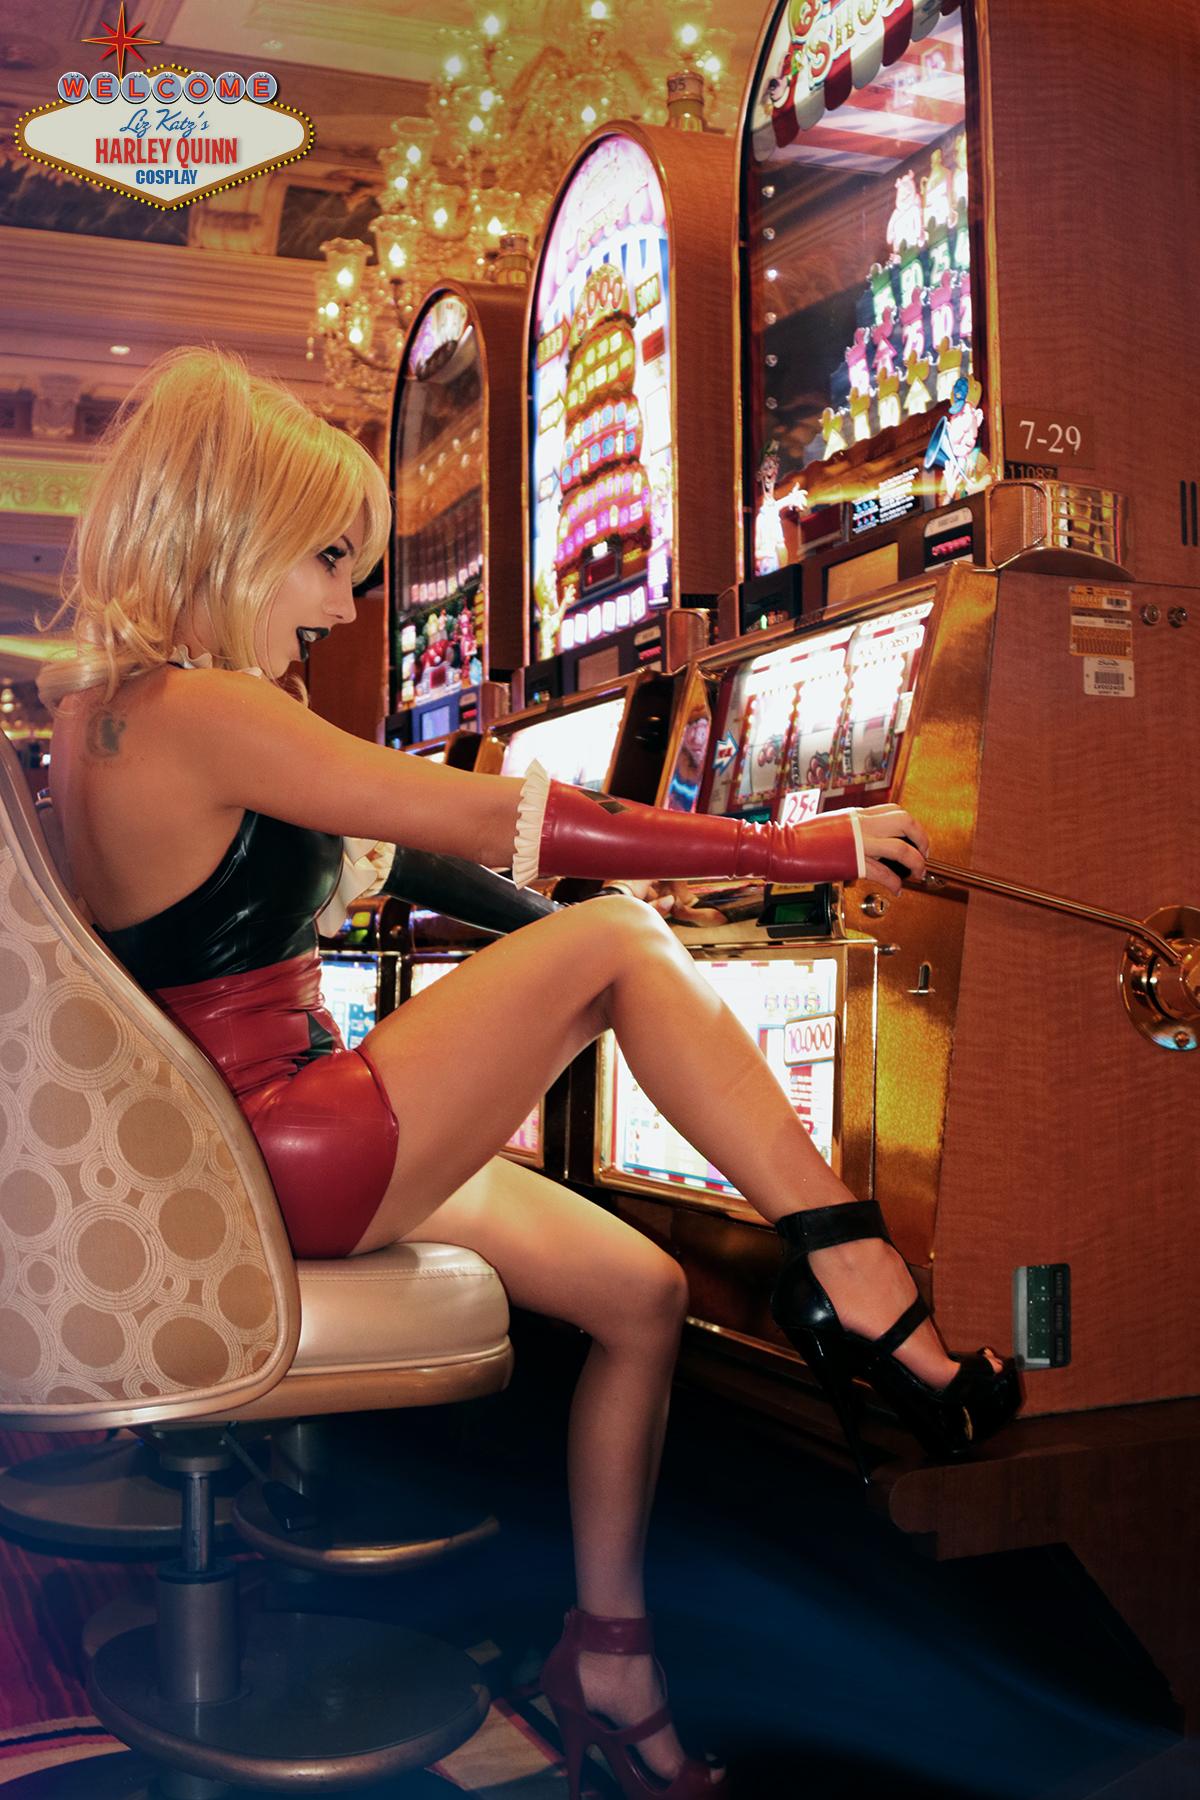 harley quinn casino